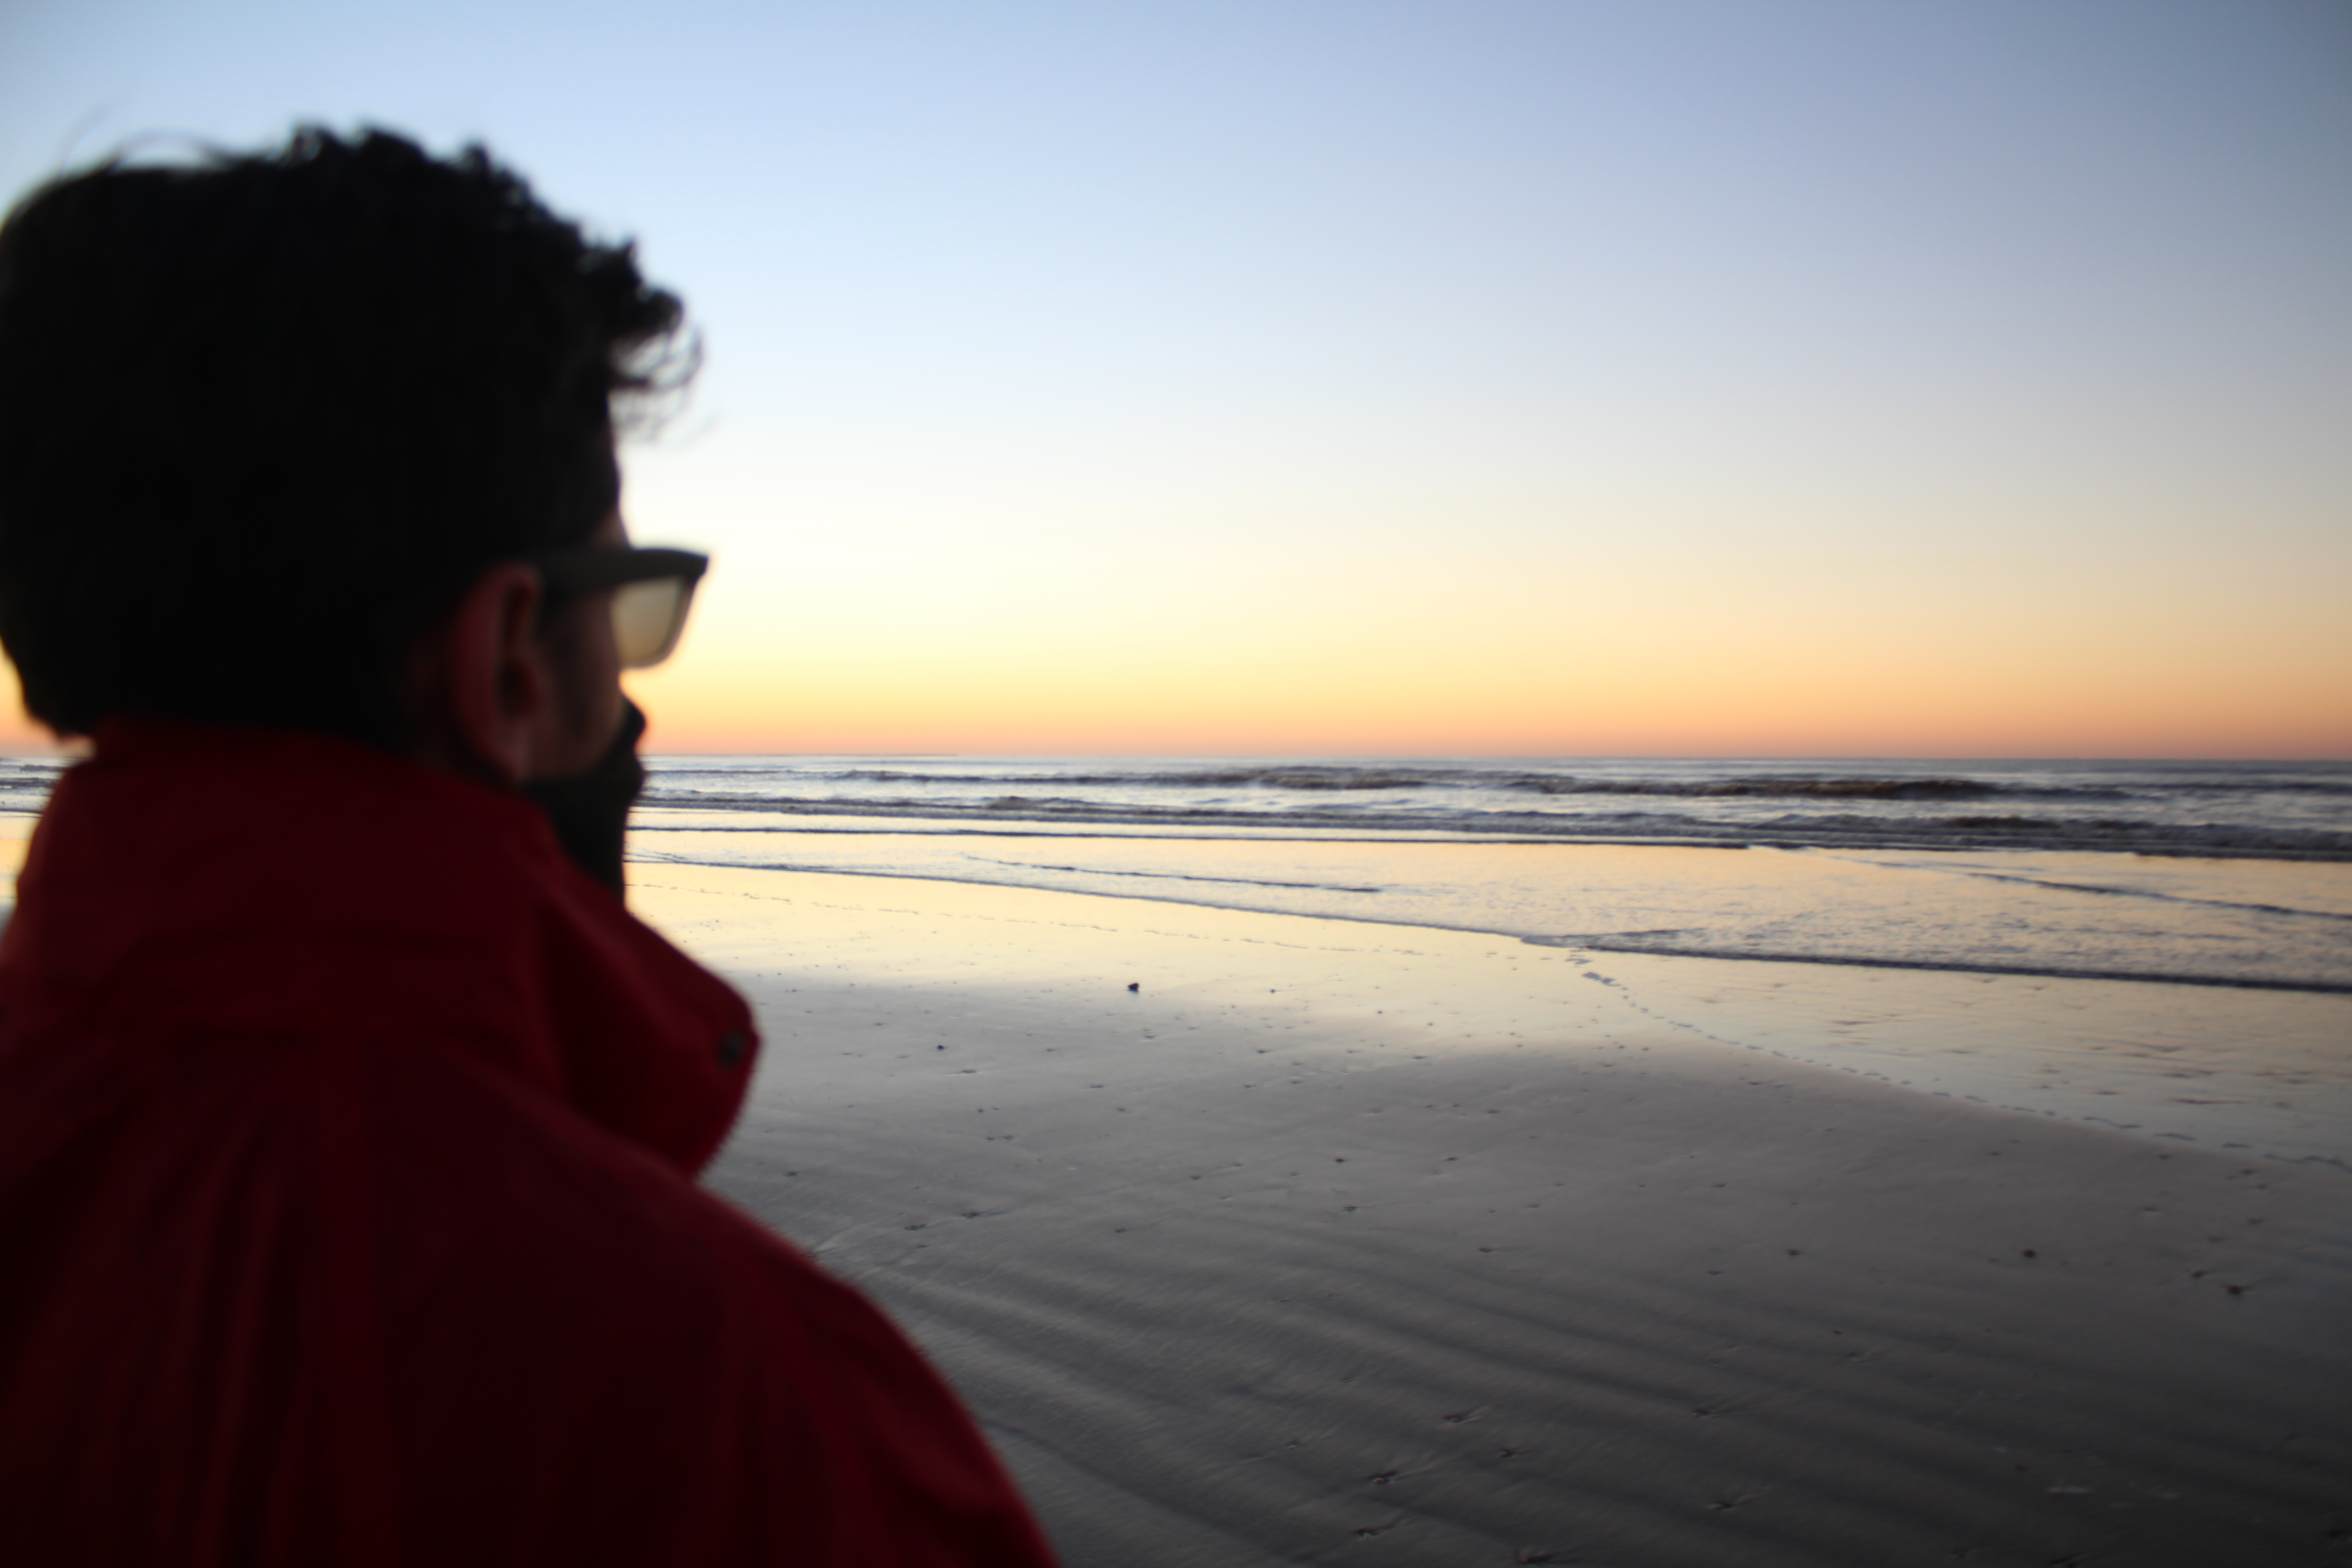 Sobrecast 41 – Atravessando a maior praia do mundo (O guia completo!)